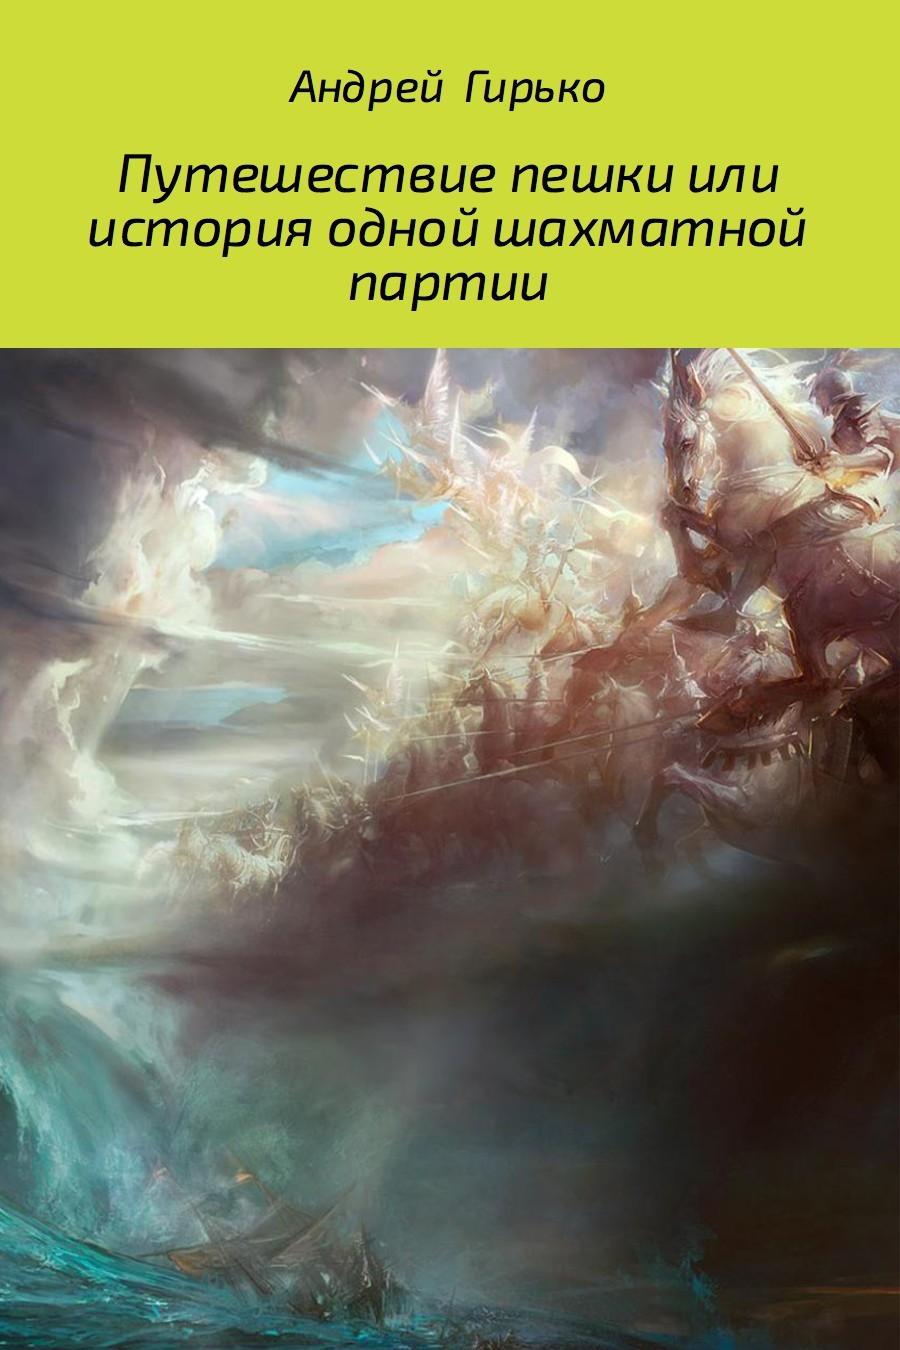 Андрей Гирько - Путешествие пешки, или история одной шахматной партии